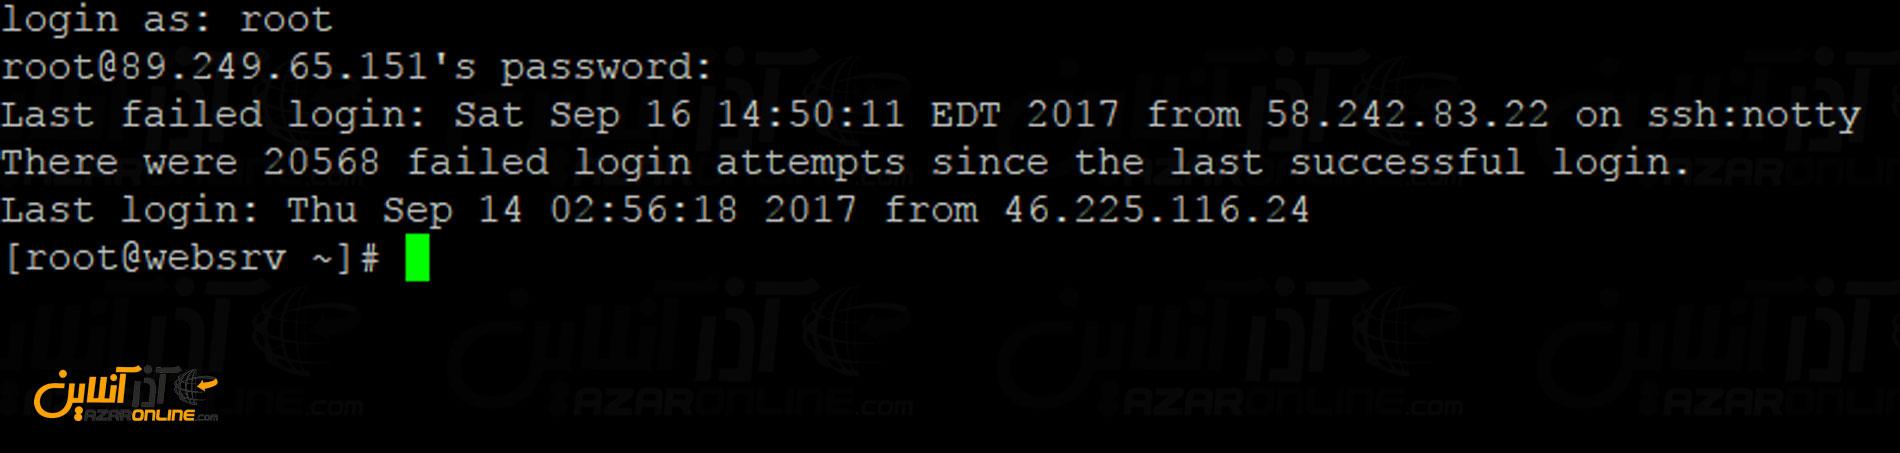 تعیین age پسورد لینوکس - ورود ناموفق به سنتوس